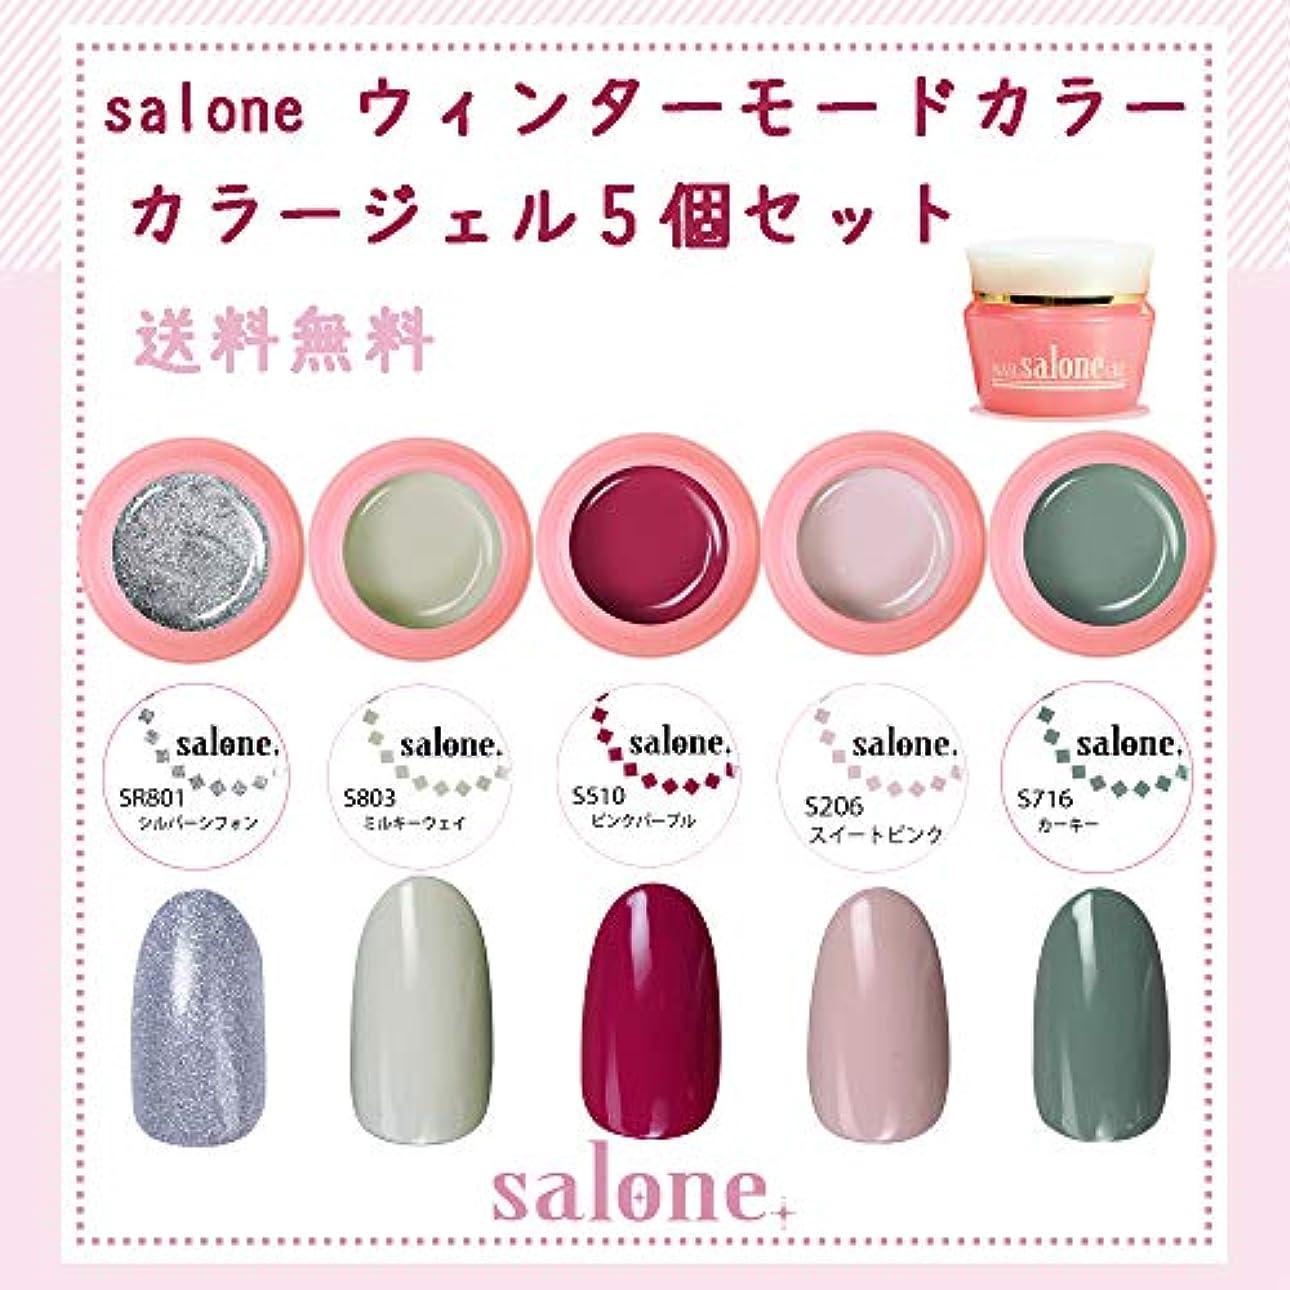 椅子汚れた参照【送料無料 日本製】Salone モード カラージェル5個セット ネイルのマストカラーオシャレなモードカラー